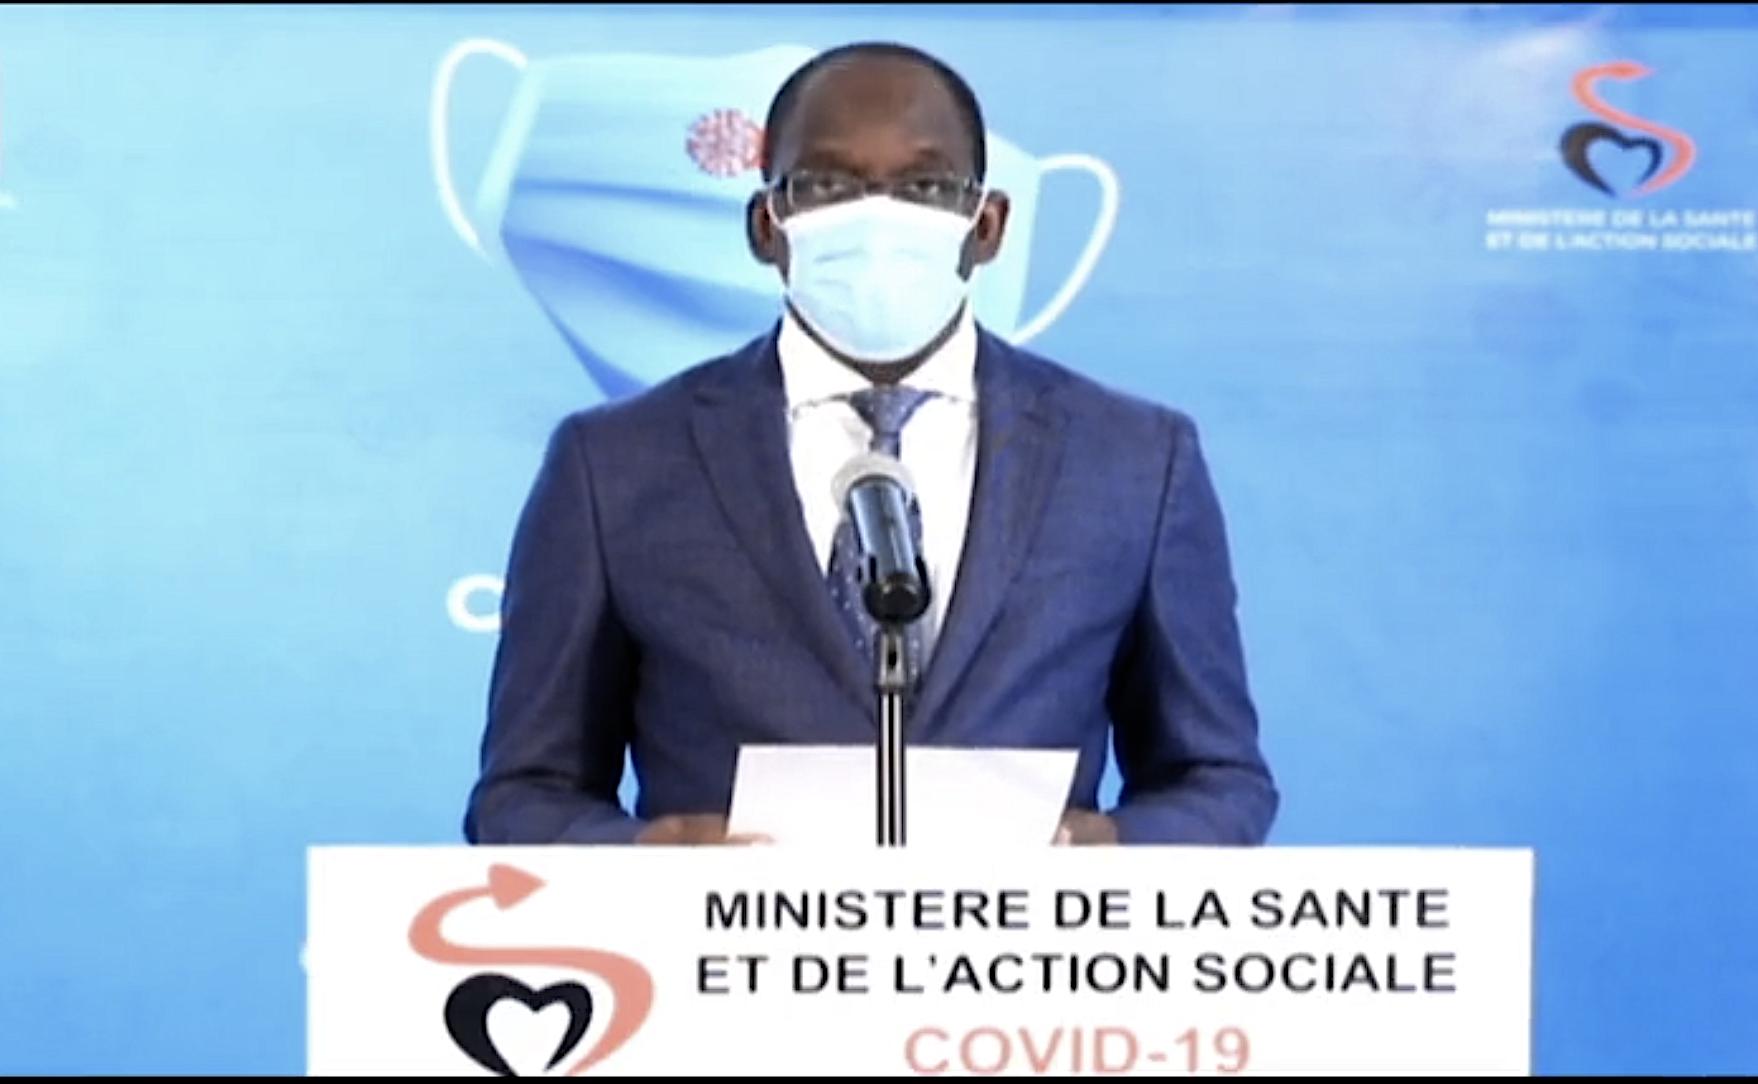 Baisse du prix des tests covid-19 dans l'espace UEMOA : le Ministère de la santé et de l'action sociale fait acter la mesure